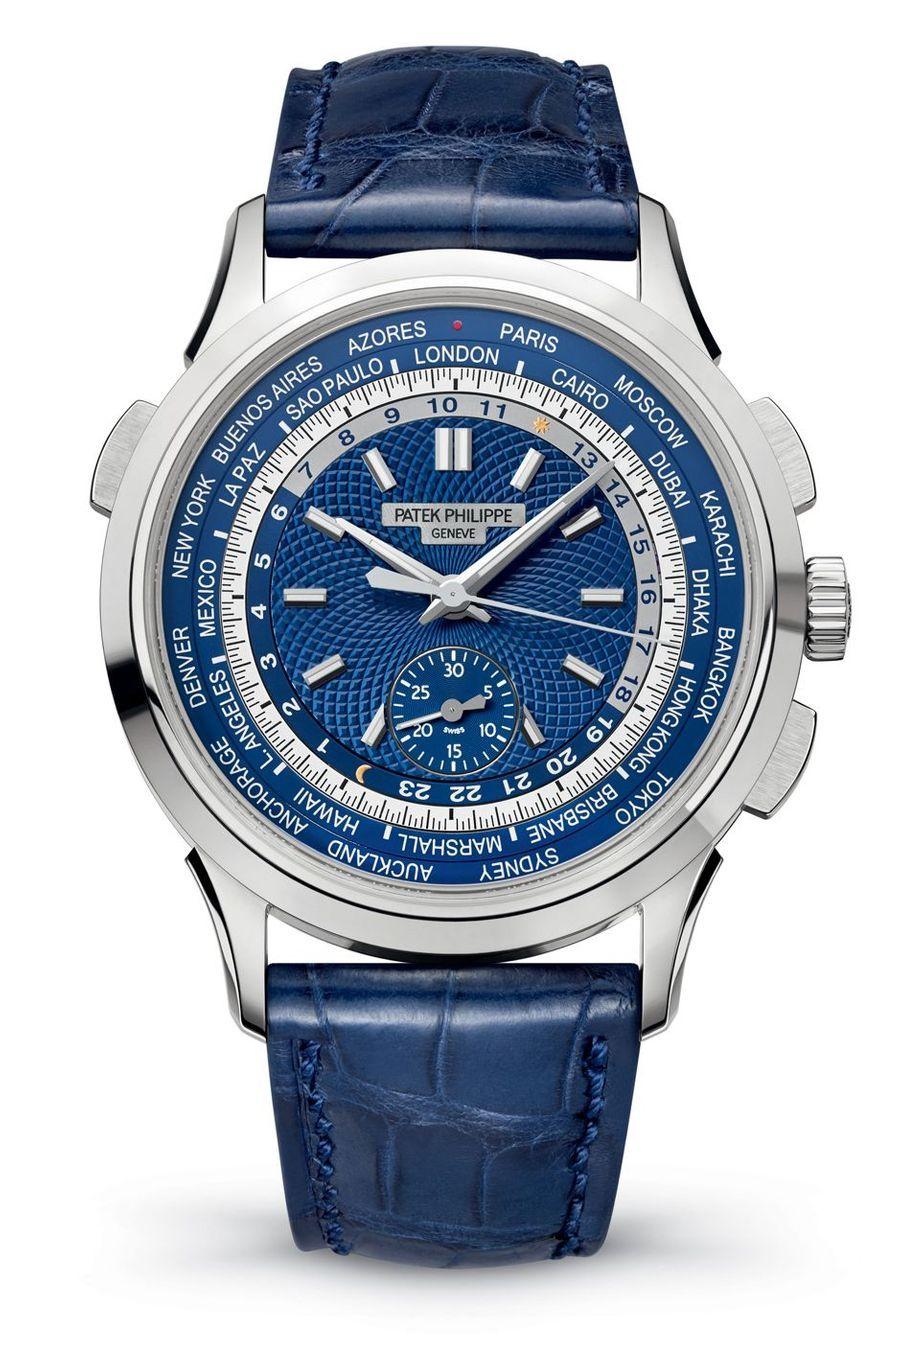 Chronographe à Heures Universelles en or gris, mouvement automatique, bracelet en alligator, 66 870 €. Patek Philippe.